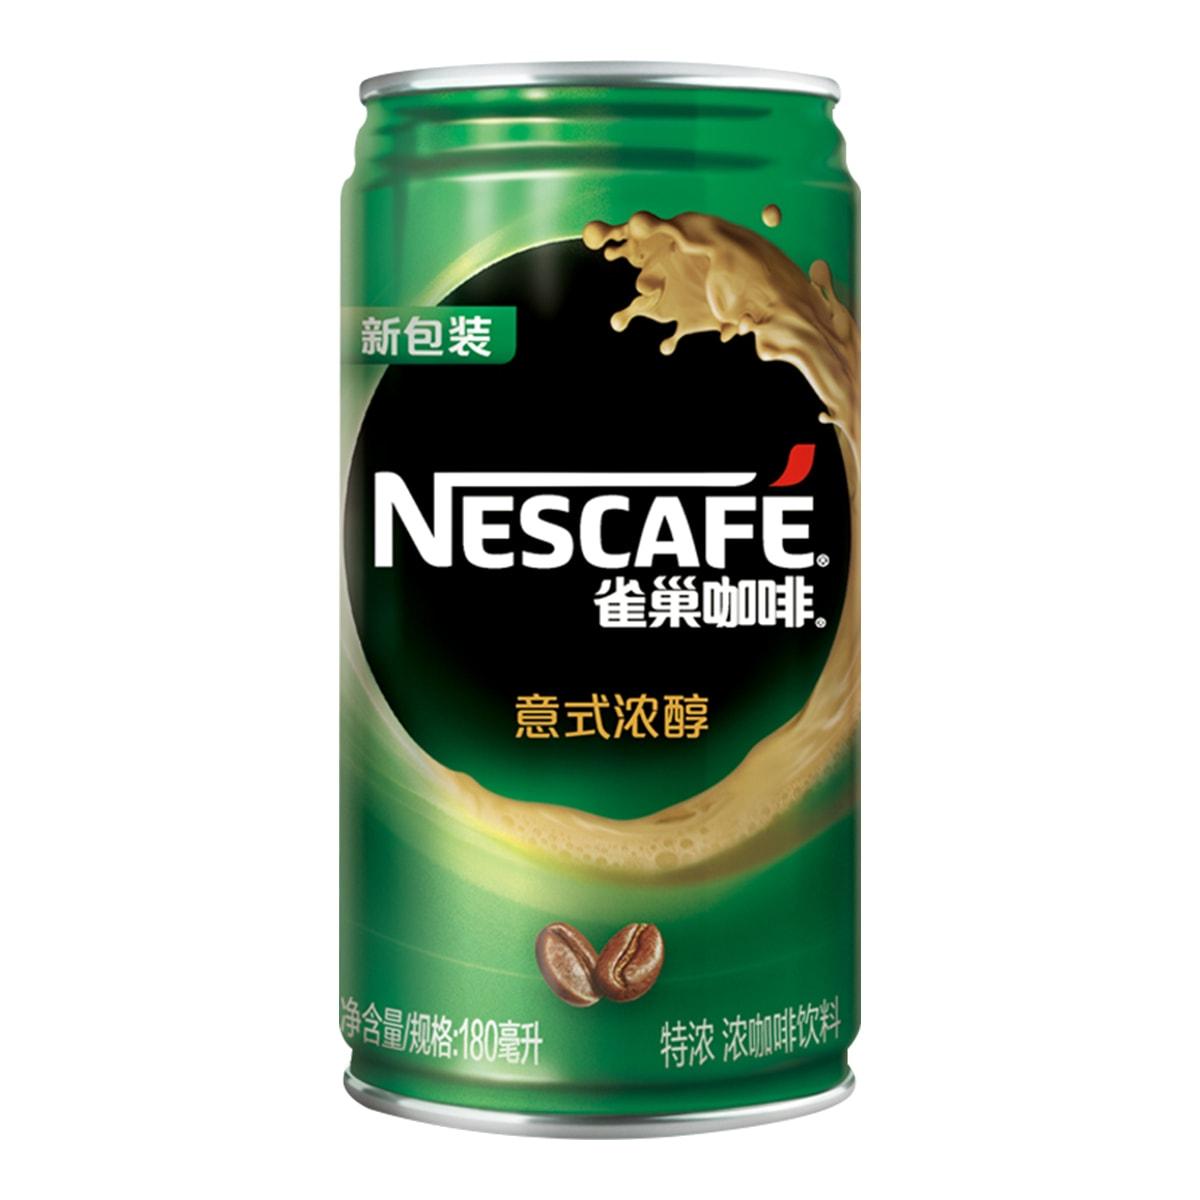 雀巢 意式浓醇 即饮罐装咖啡 180ml